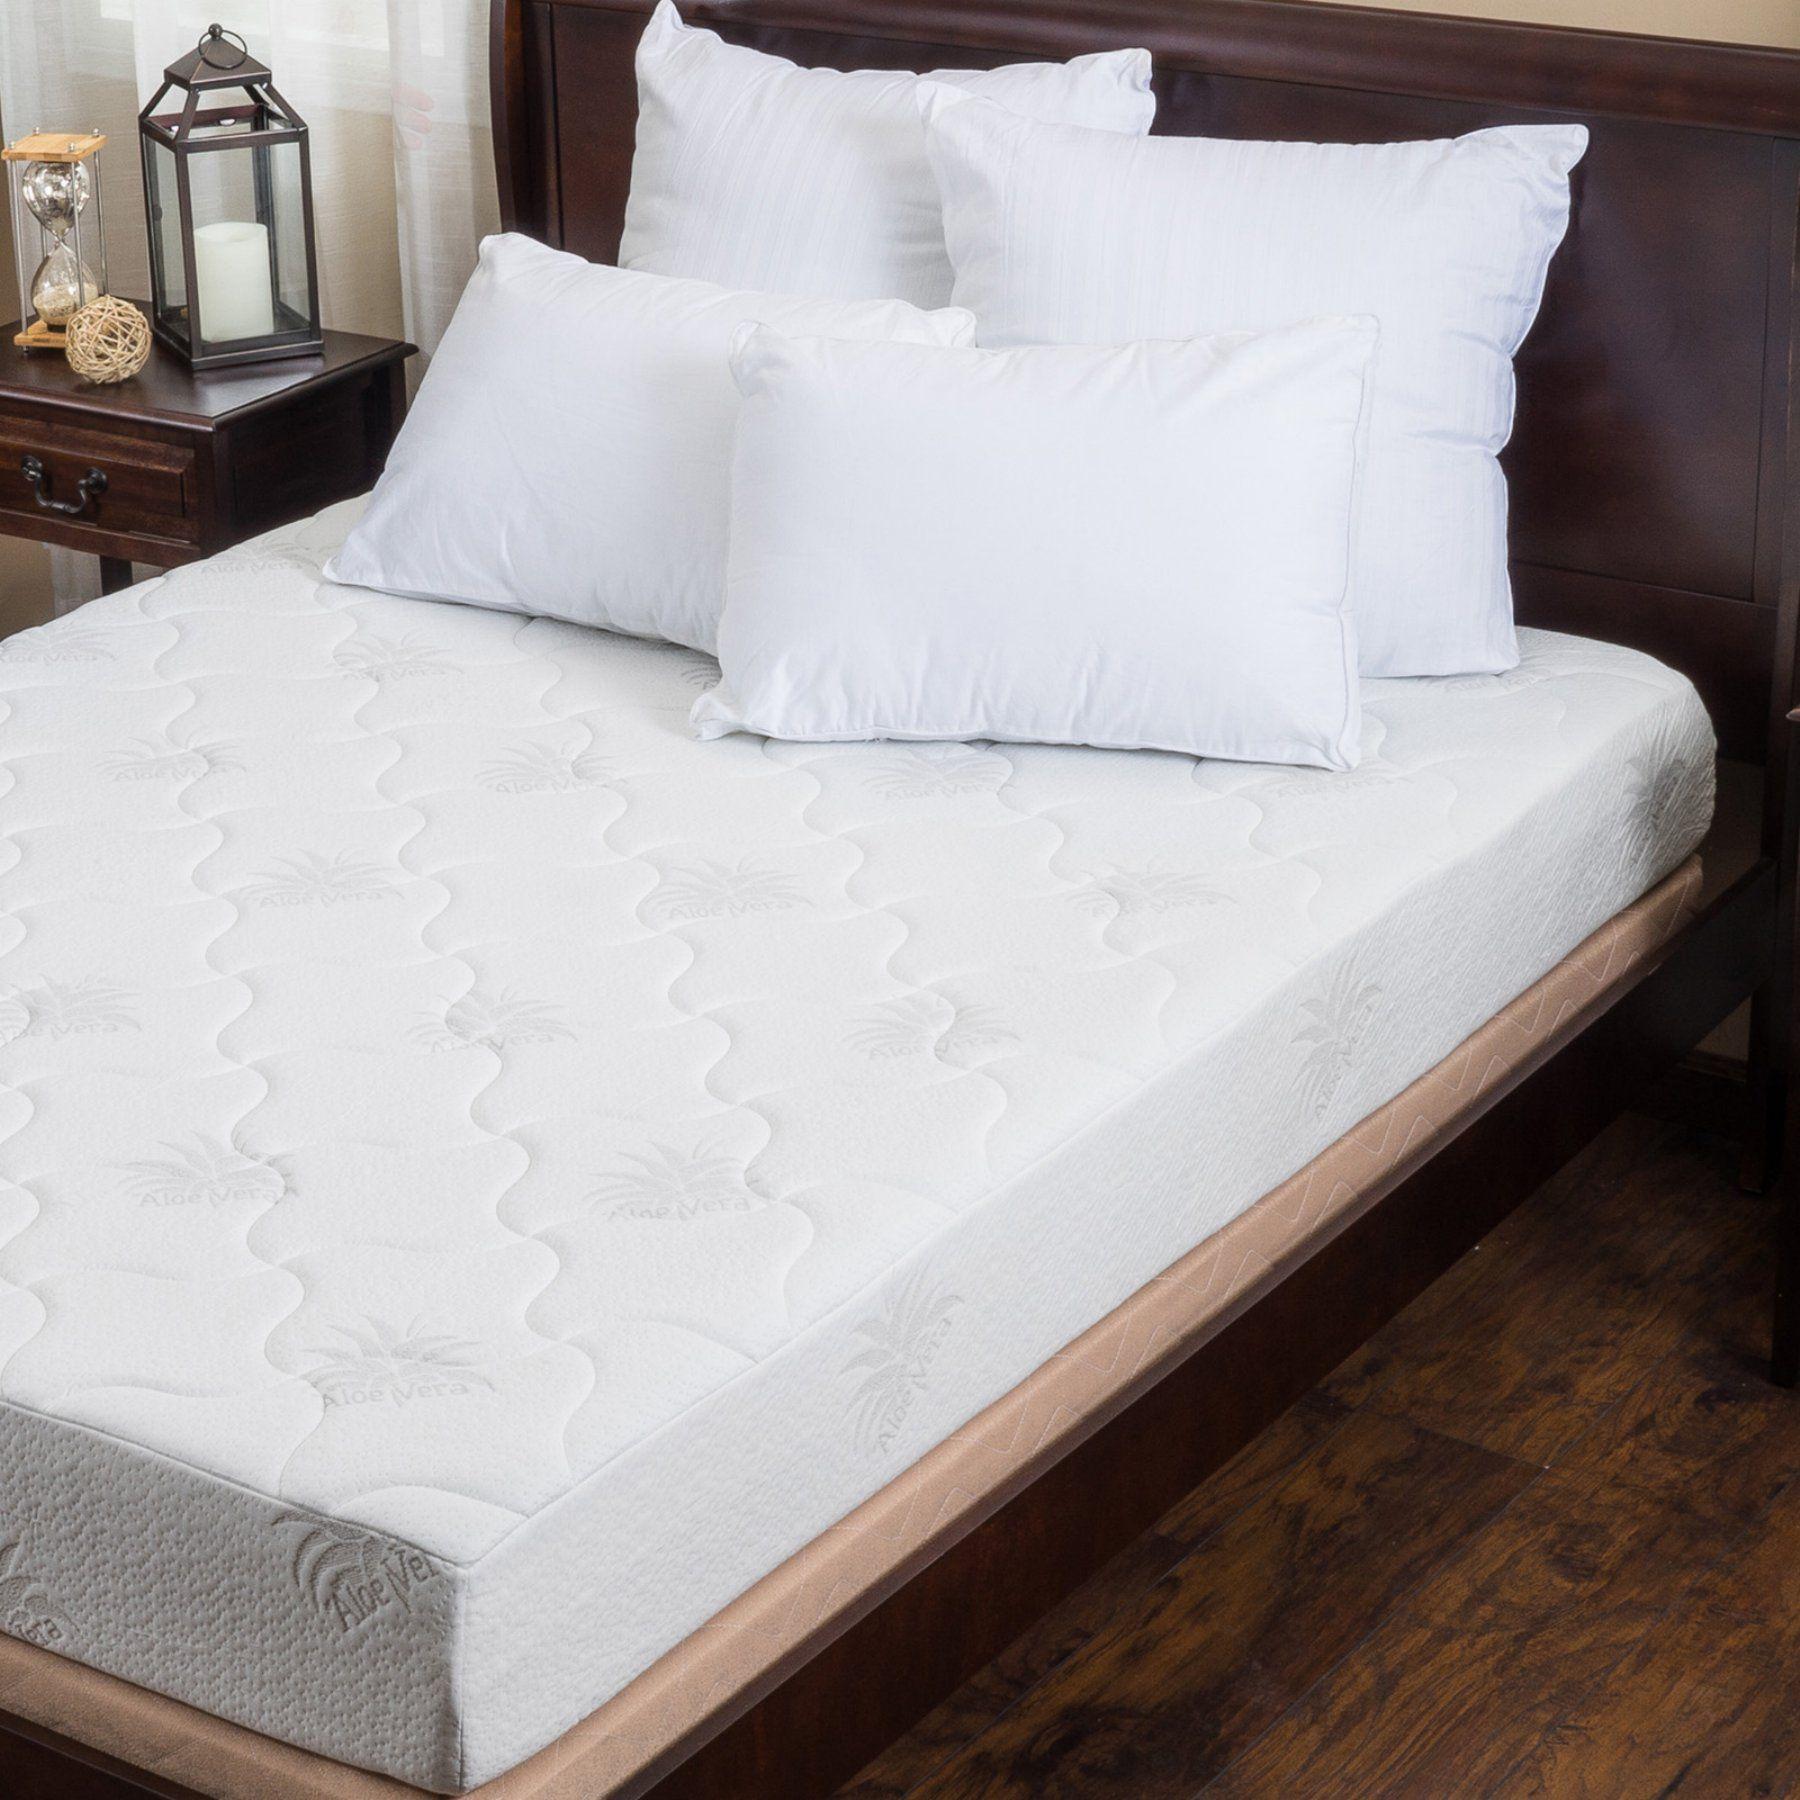 best selling home decor 8 in aloe gel memory foam mattress